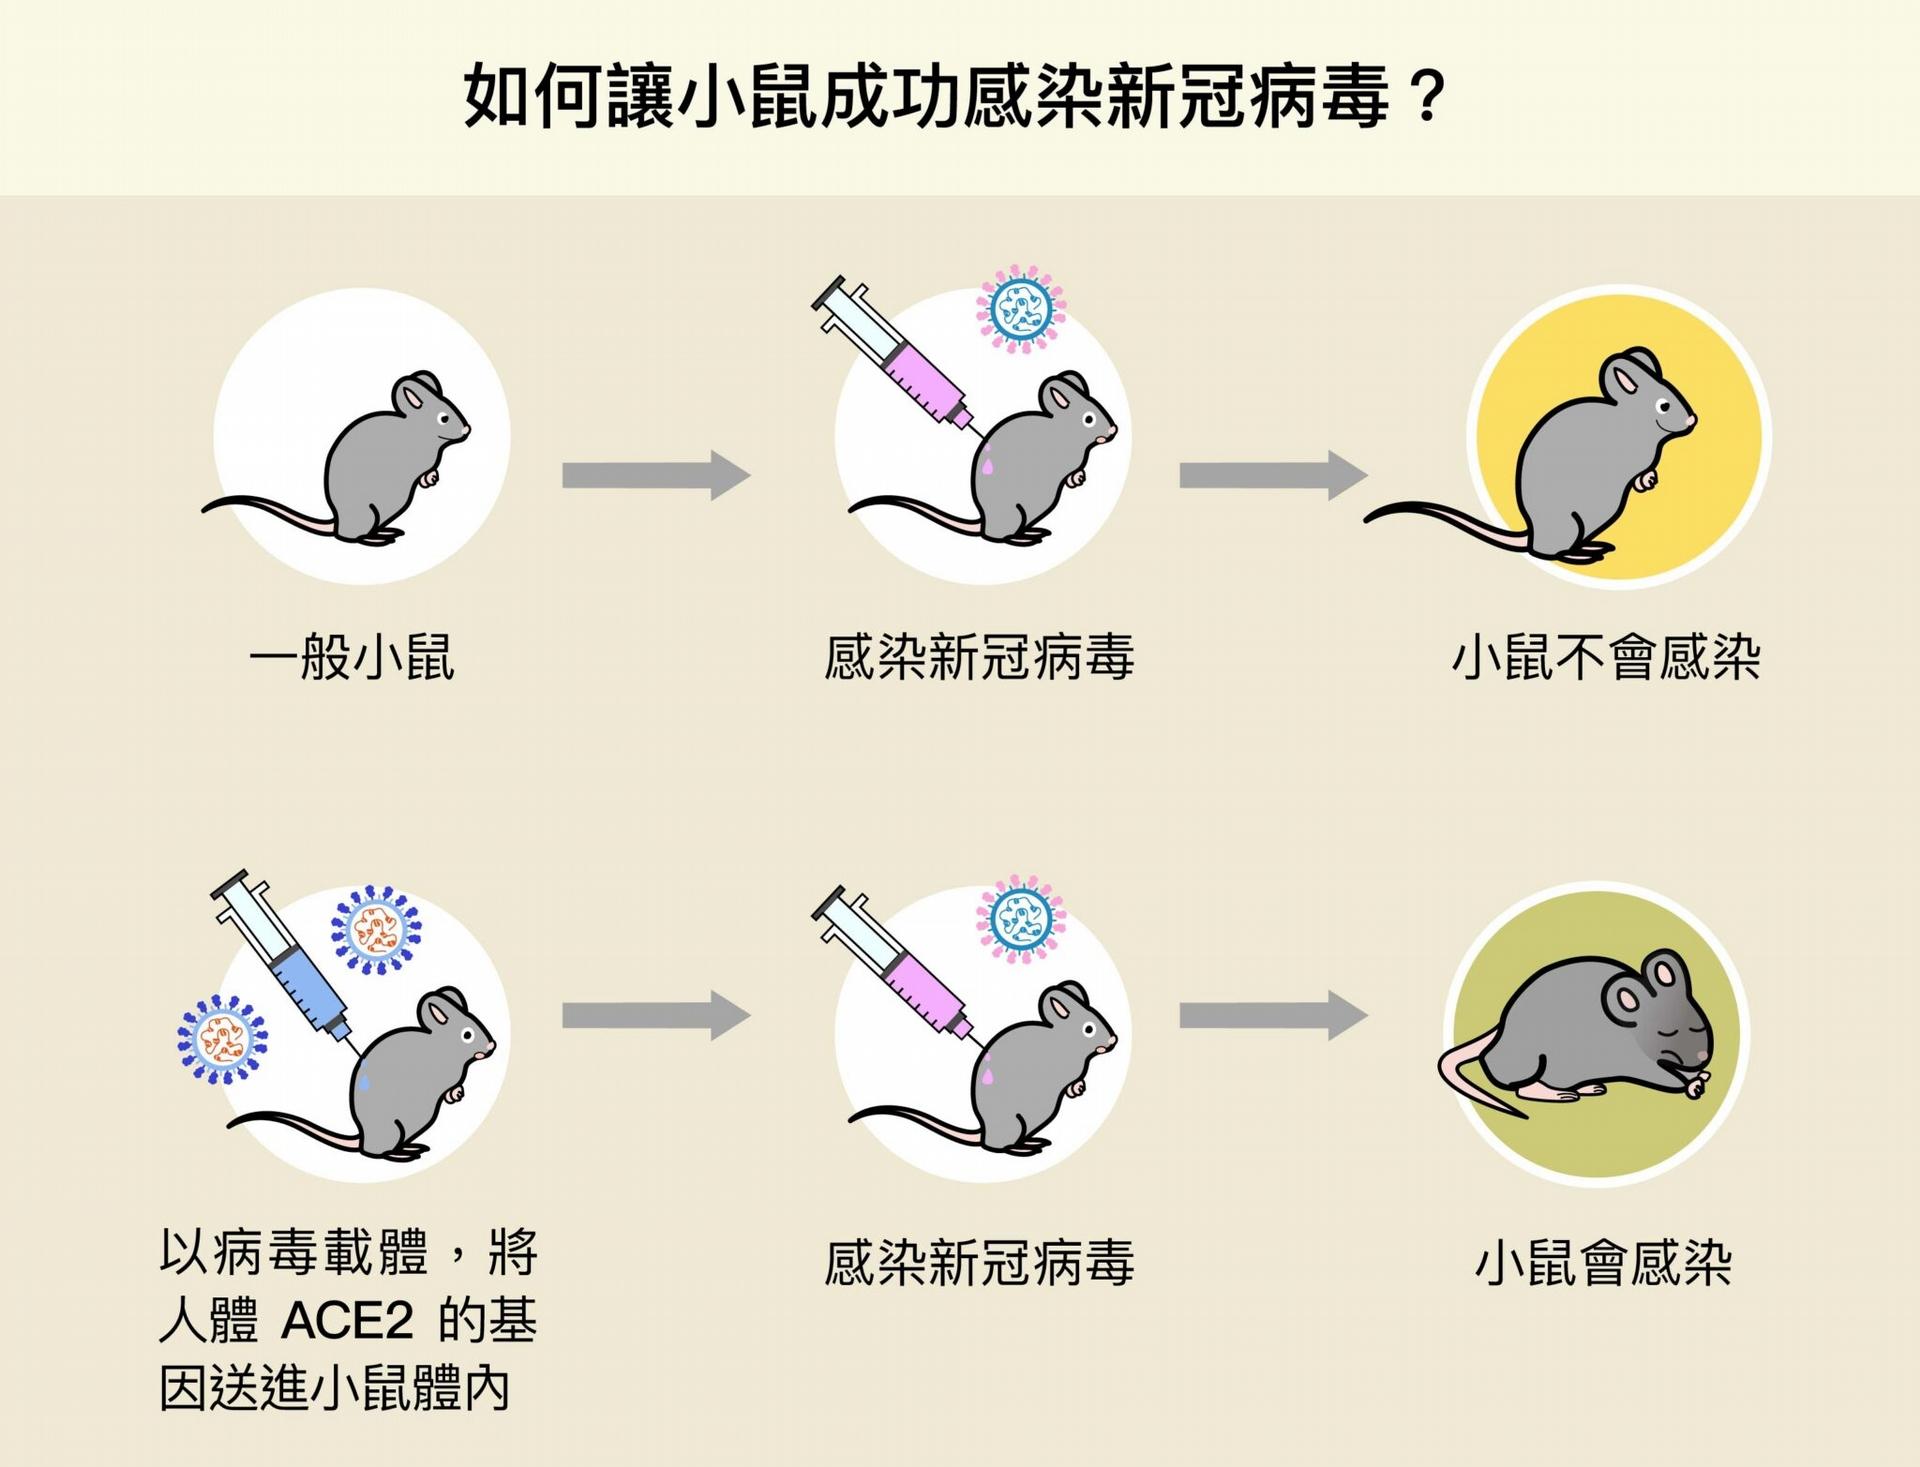 陶秘華研究員以病毒載體,將人體 ACE2 的基因送進小鼠體內,成功使小鼠細胞表現人類的 ACE2,變得可以感染新冠病毒,加速了動物攻毒實驗的進行。 圖│研之有物